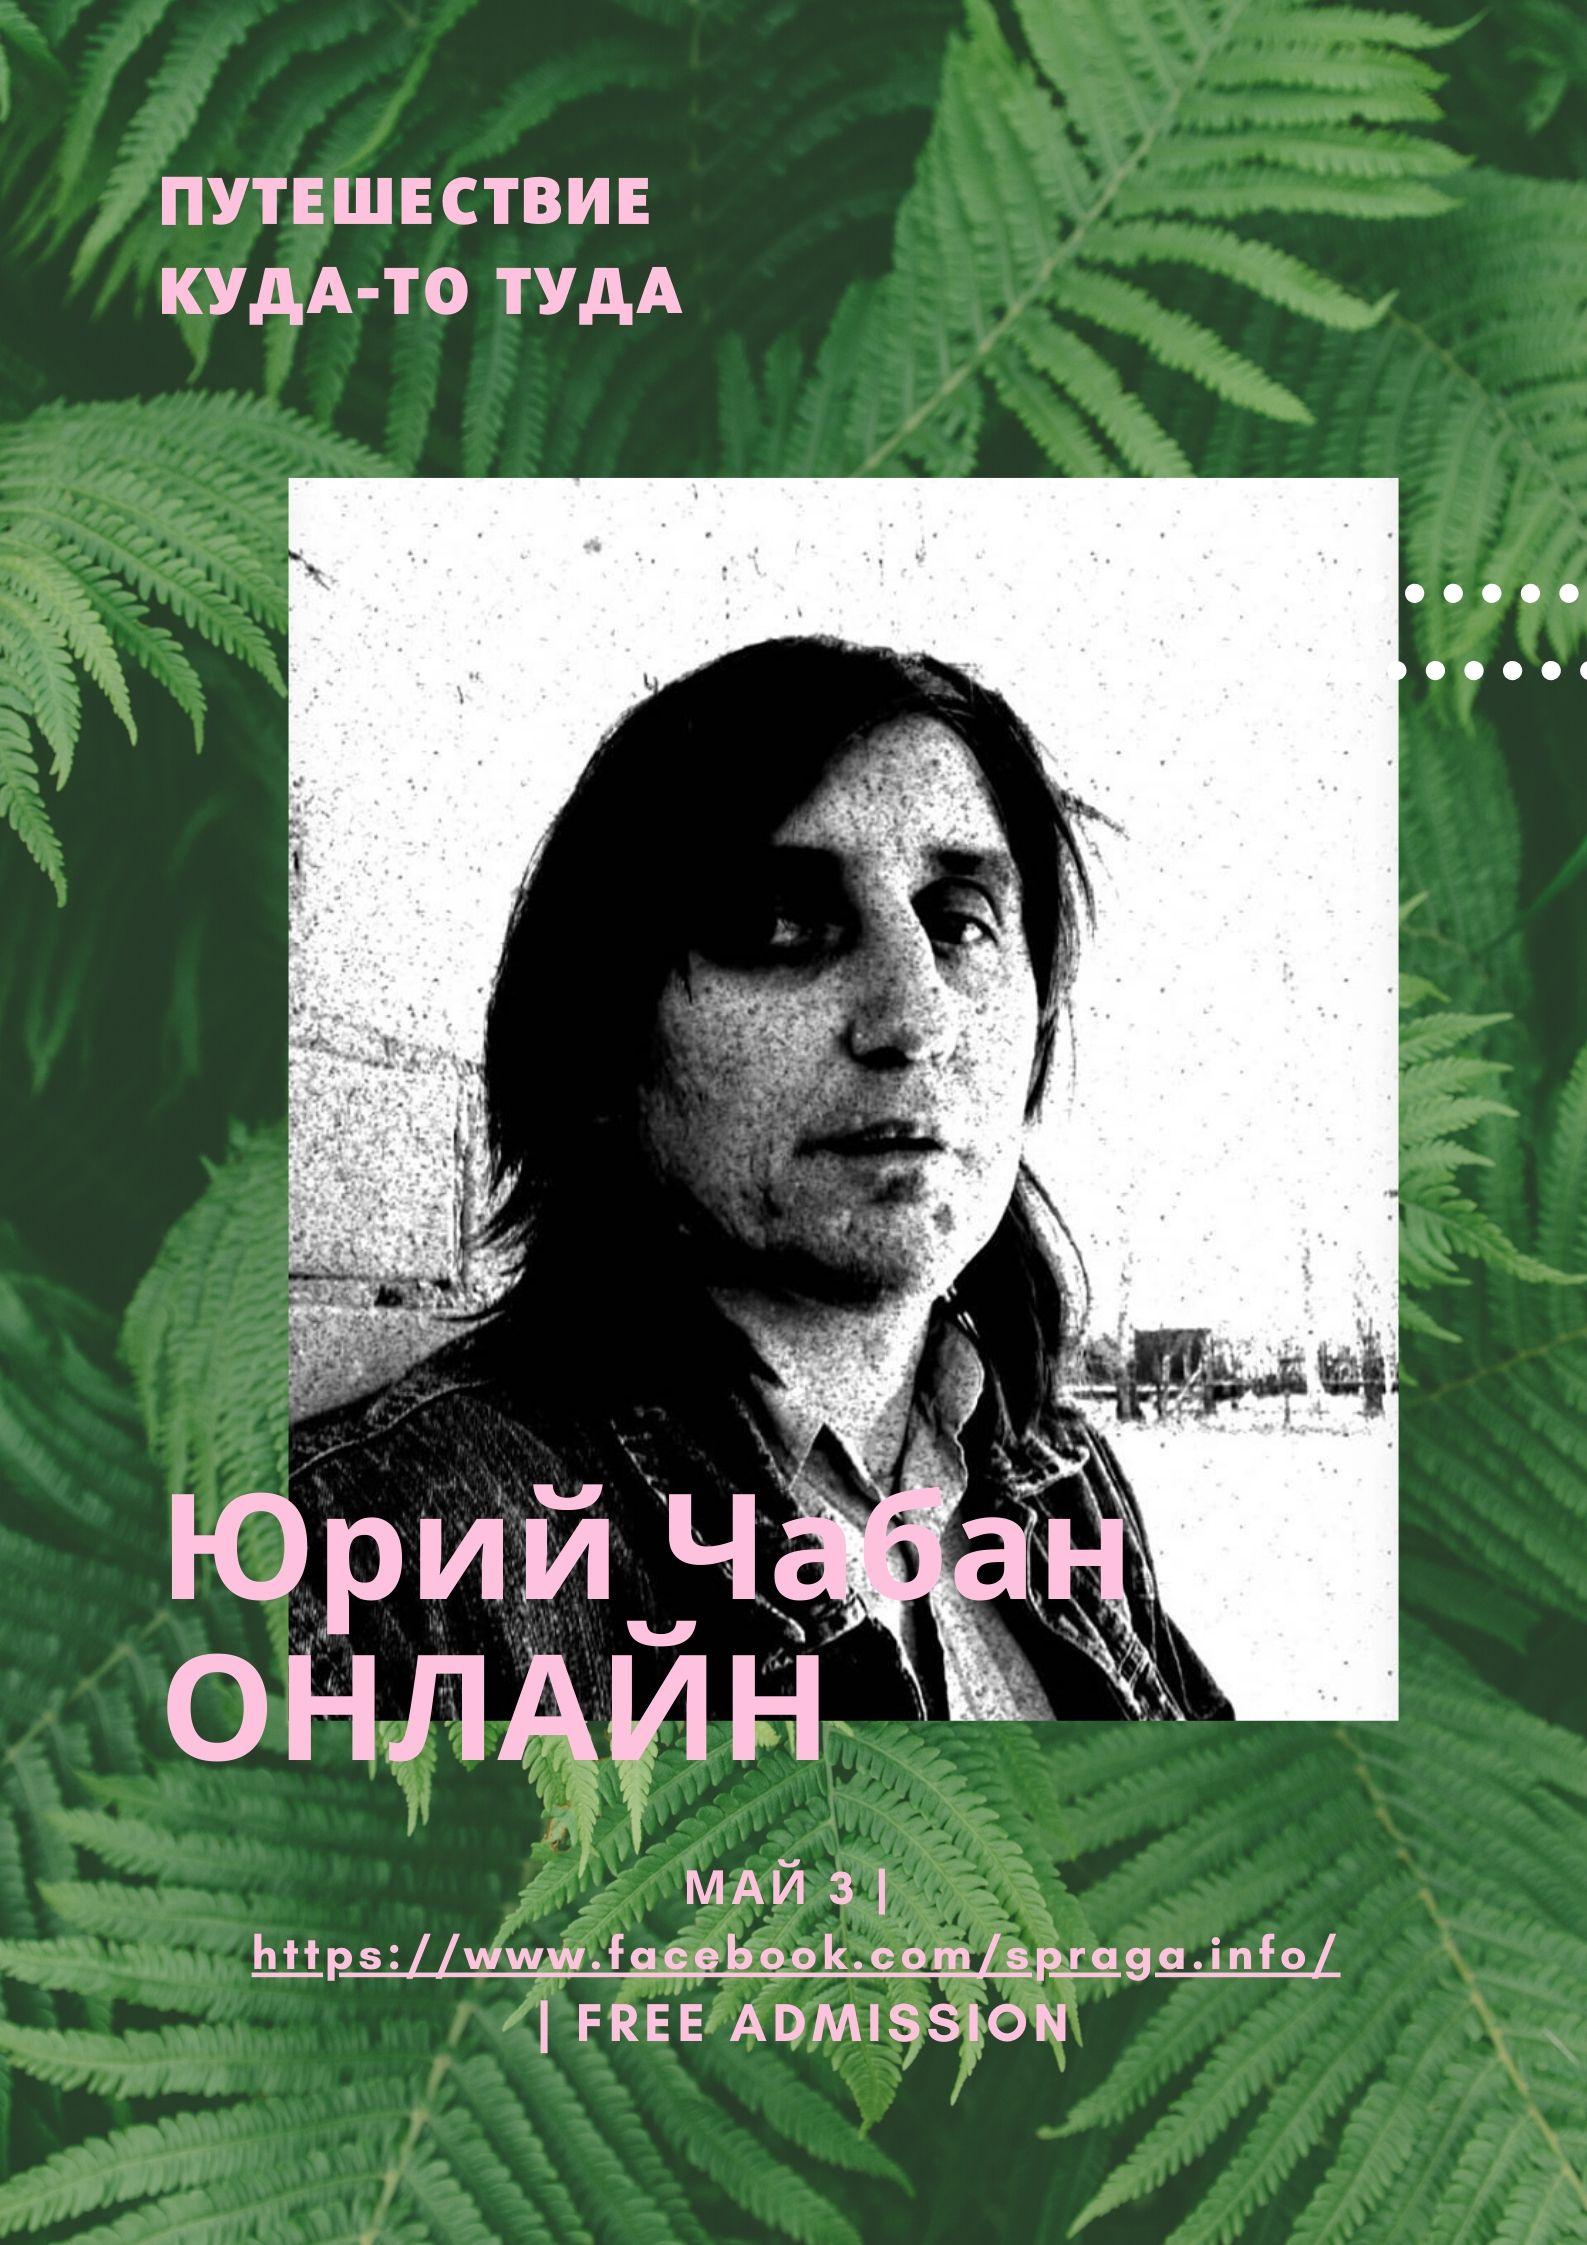 Юрій Чабан онлайн, афіша, Спрага, Спрага-інфо